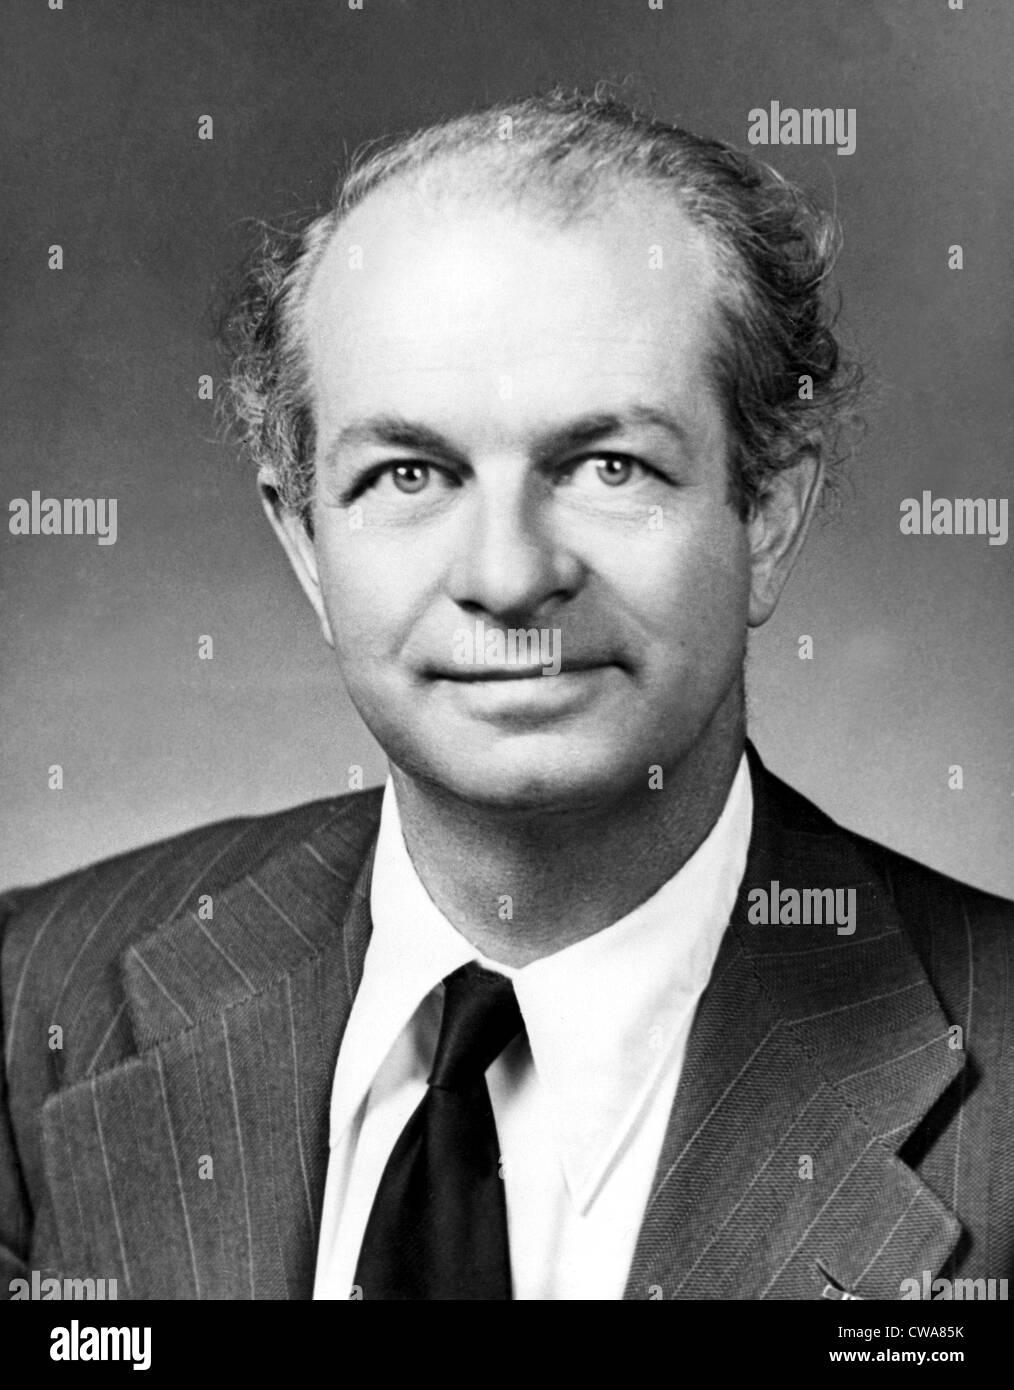 Dr. Linus Pauling im Jahr 1960. Pauling ist der Gewinner des Nobelpreises für Chemie 1954 und Empfänger Stockbild